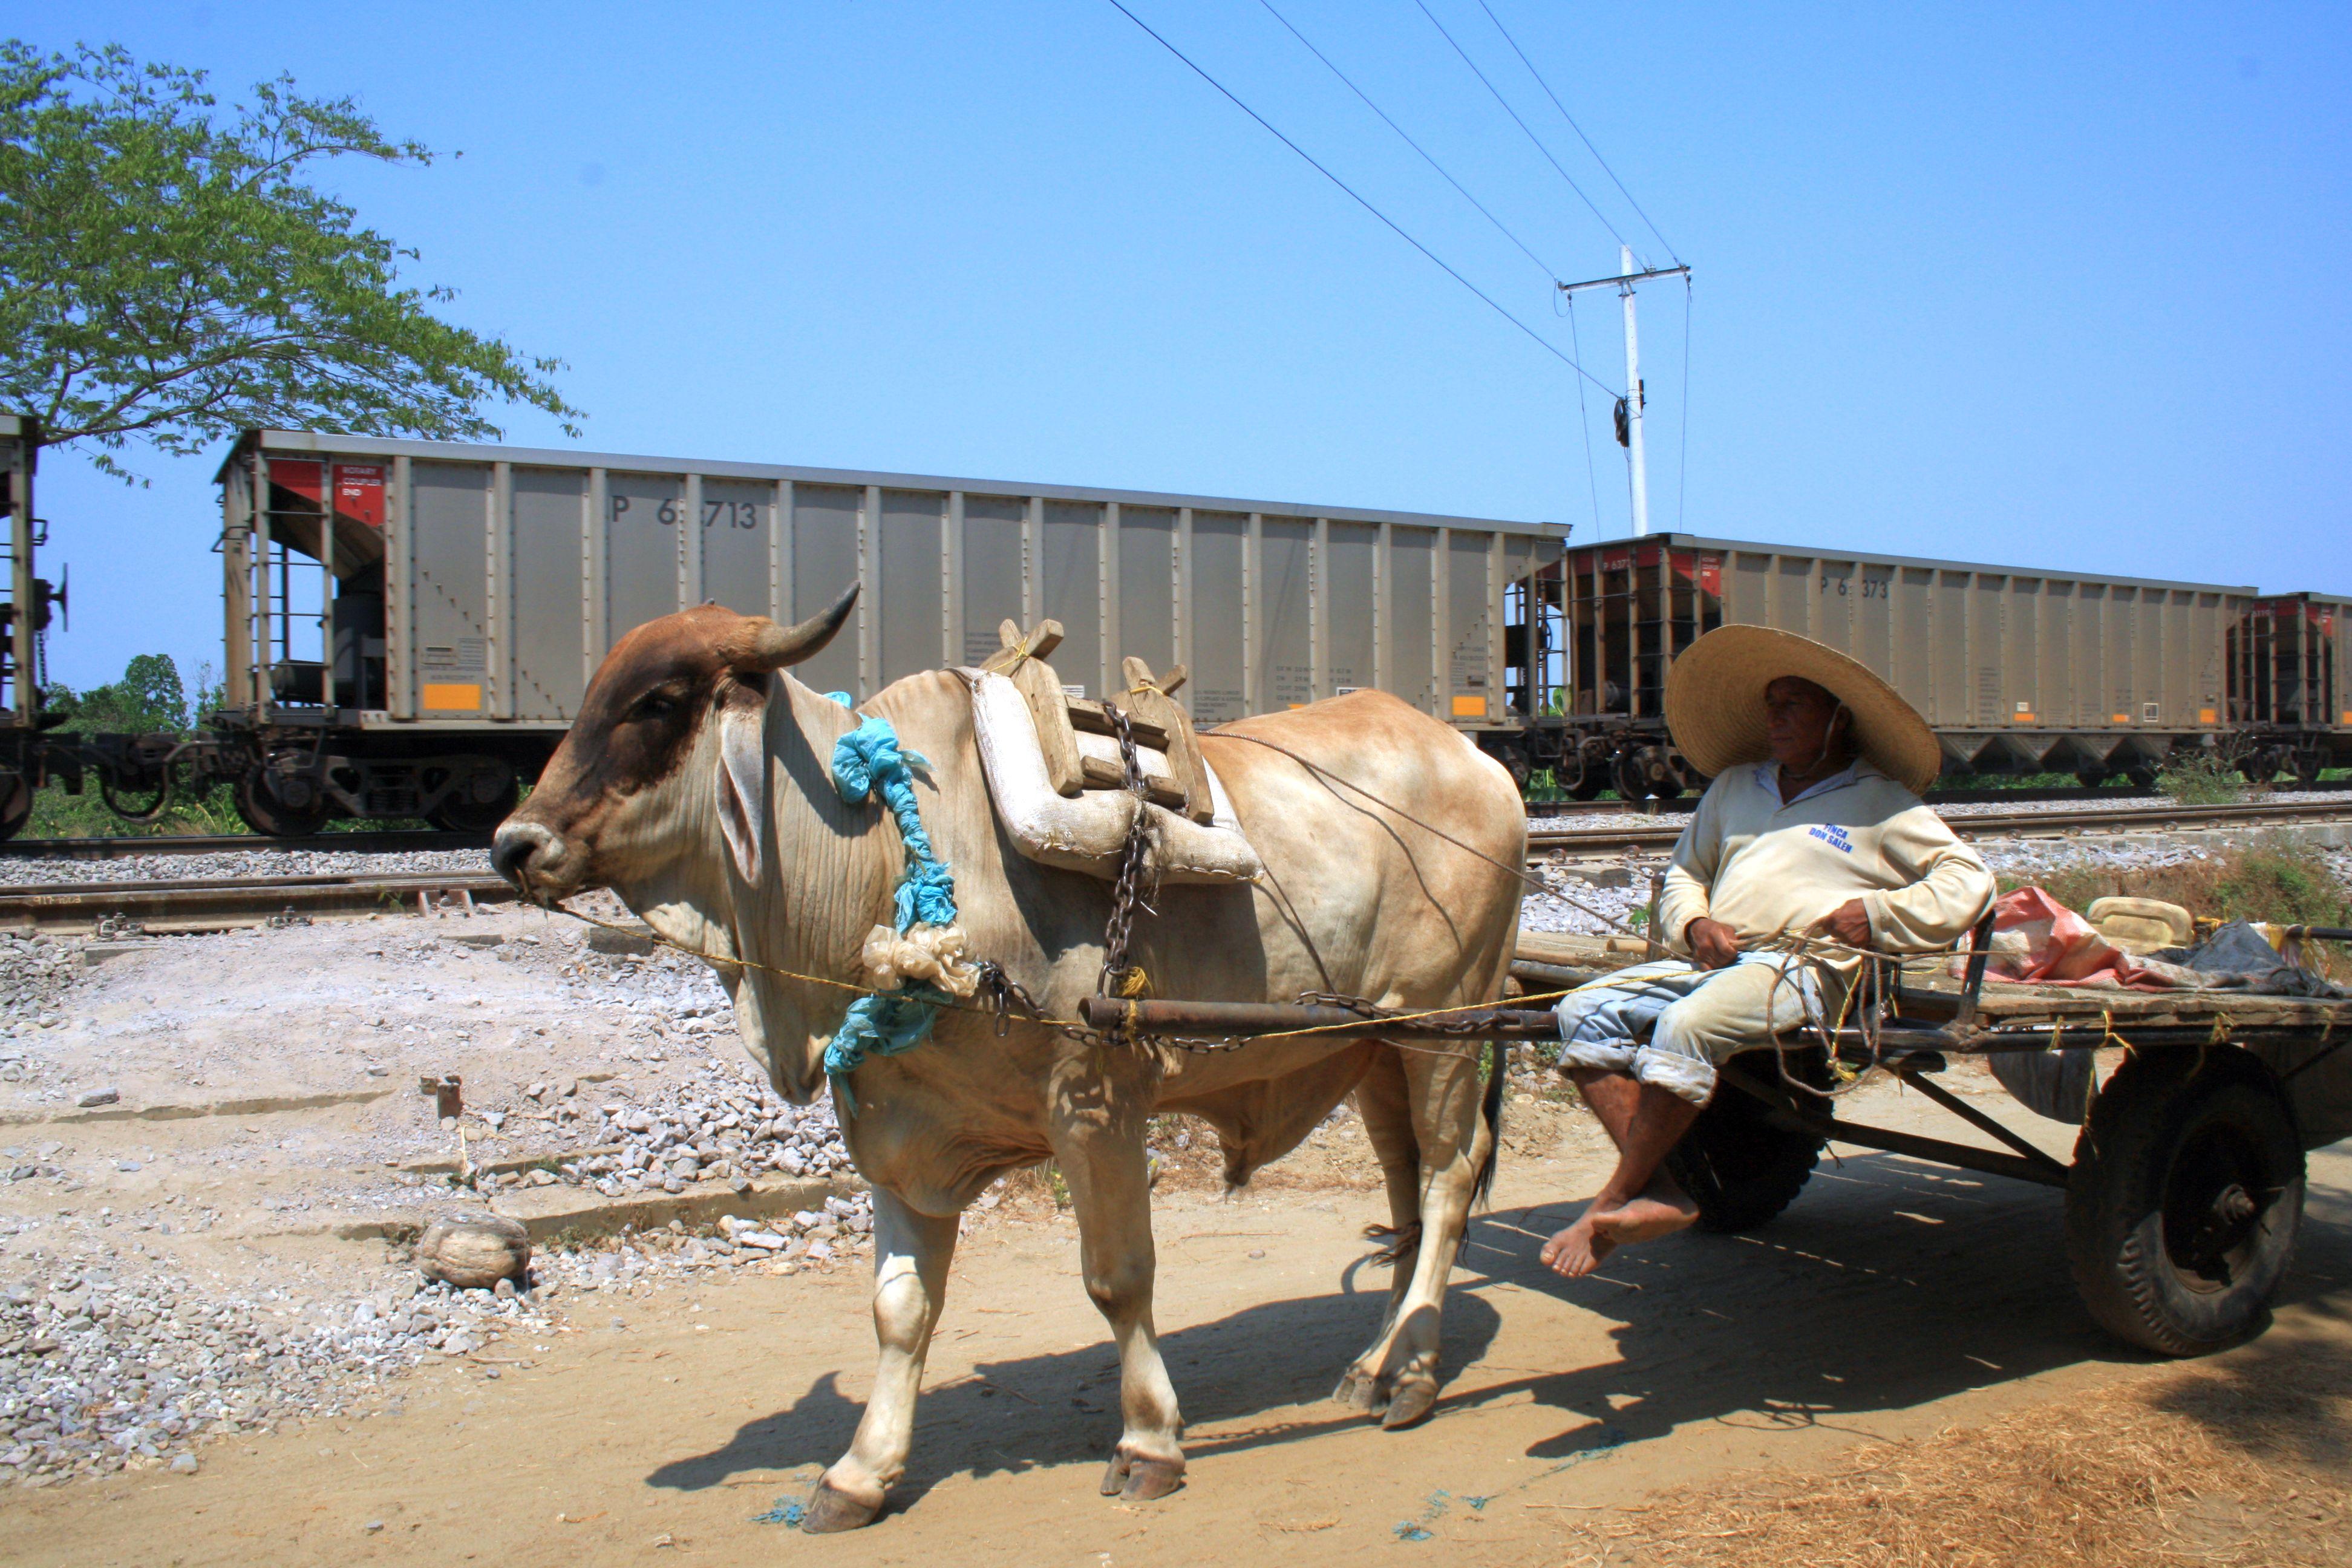 Die landwirtschaftliche Lebensweise der lokalen Bevölkerung wird vom Kohlenbau beeinträchtigt